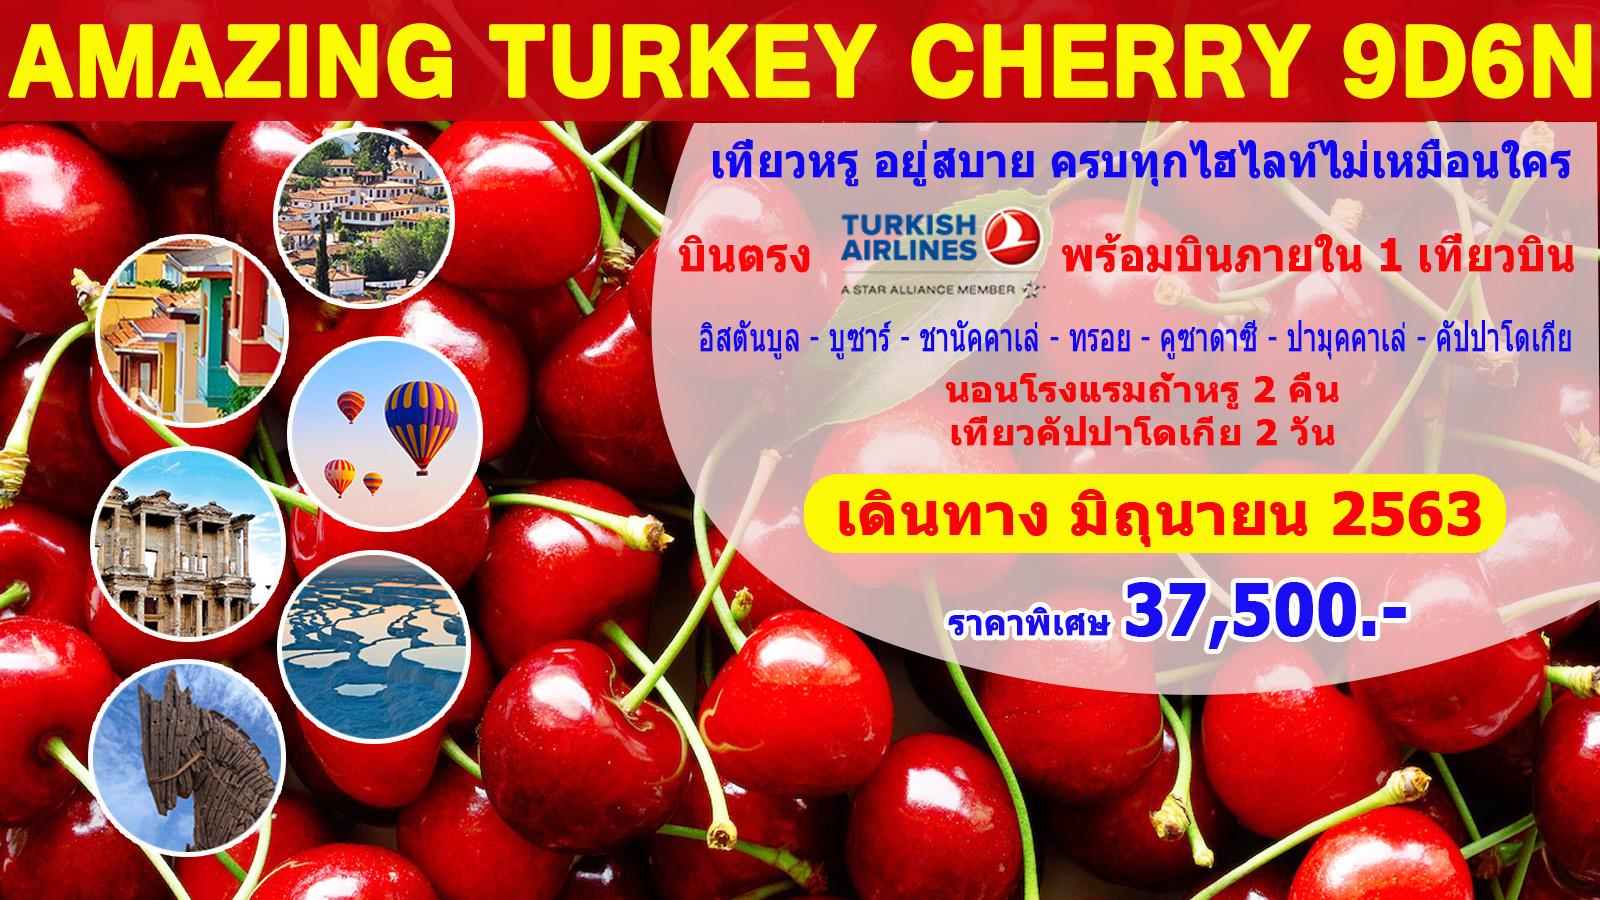 ทัวร์ตรุกี-Amazing-Turkey-Cherry-9D6N-(JUN20)